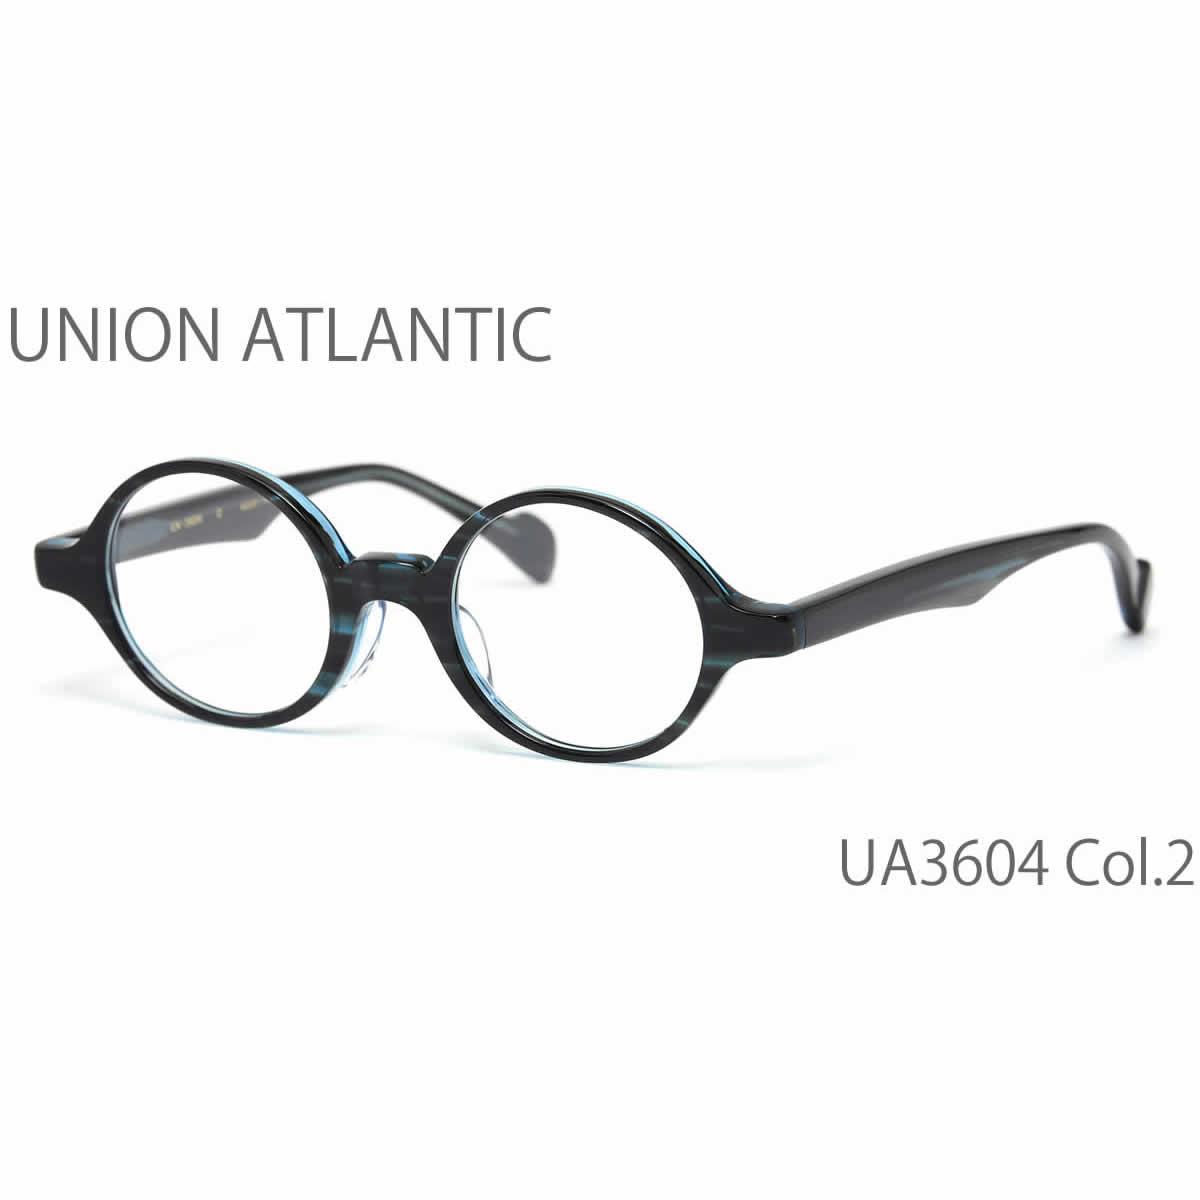 【10月30日からエントリーで全品ポイント20倍】【14時までのご注文は即日発送】UA3604 2 45サイズ UNION ATLANTIC (ユニオンアトランティック) メガネ 日本製 丸メガネ メンズ レディース 【伊達メガネ用レンズ無料!!】【あす楽対応】